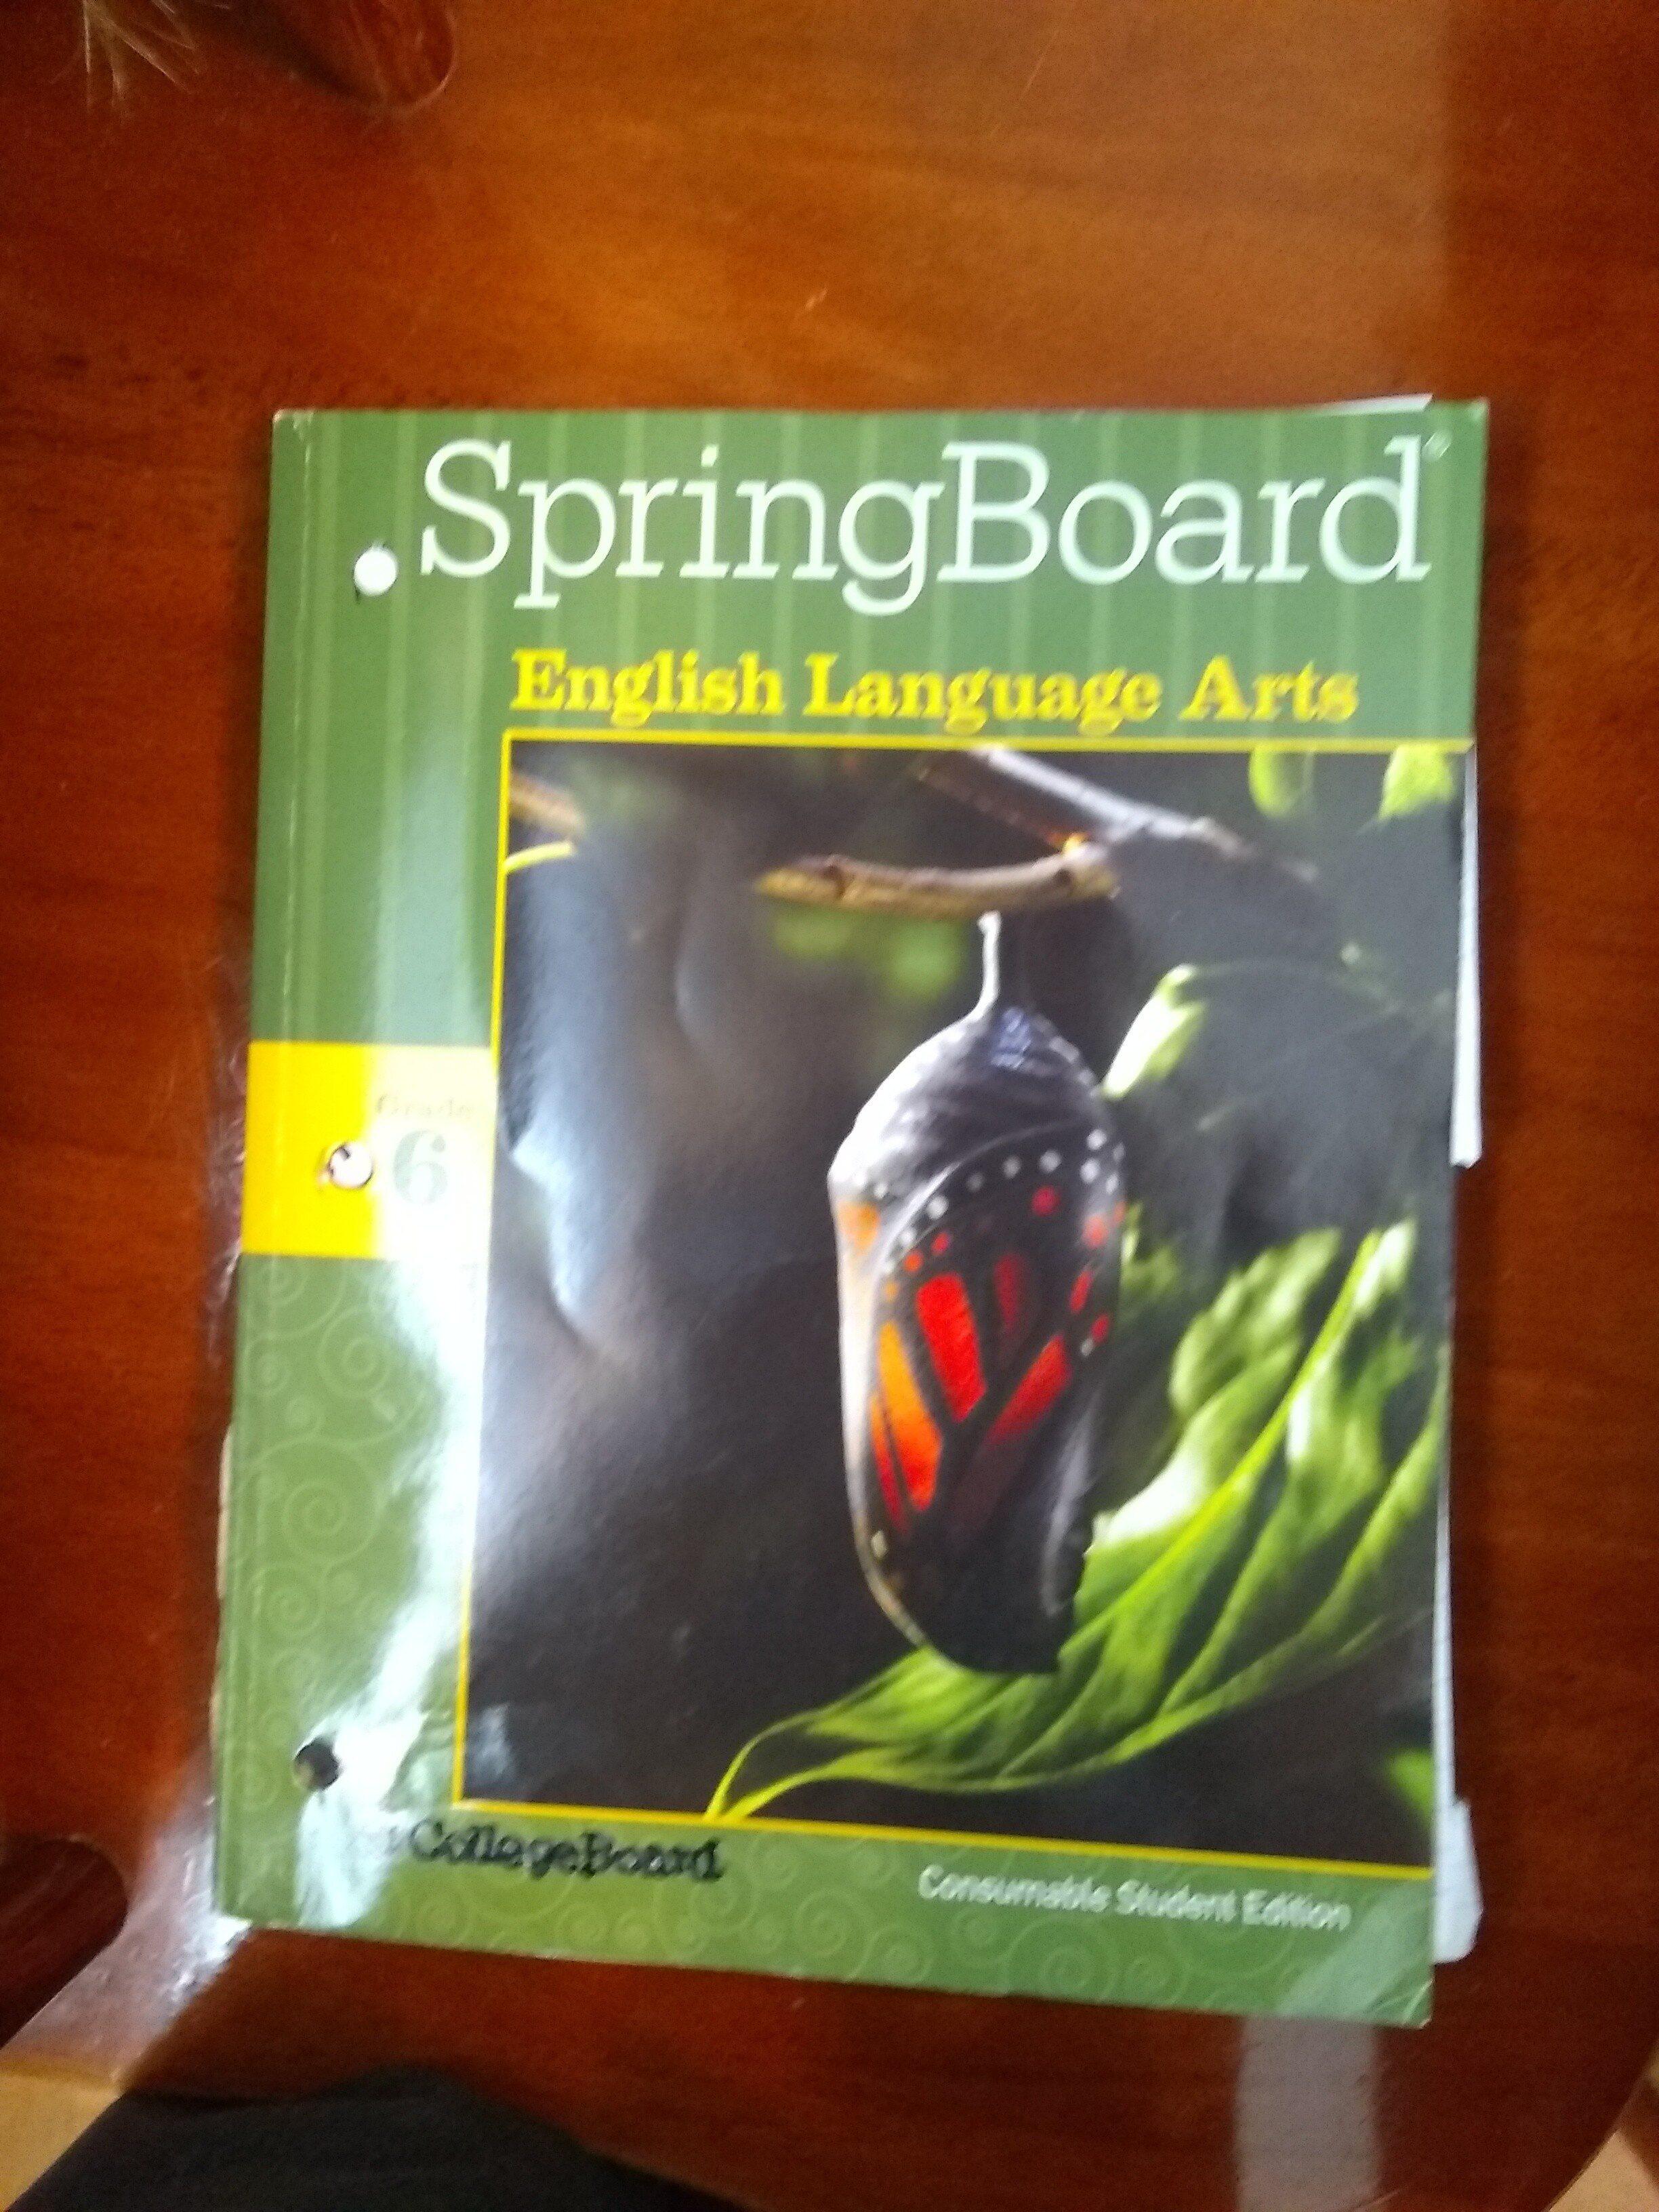 SpringBoard English Language Arts Grade 6 - Product - en